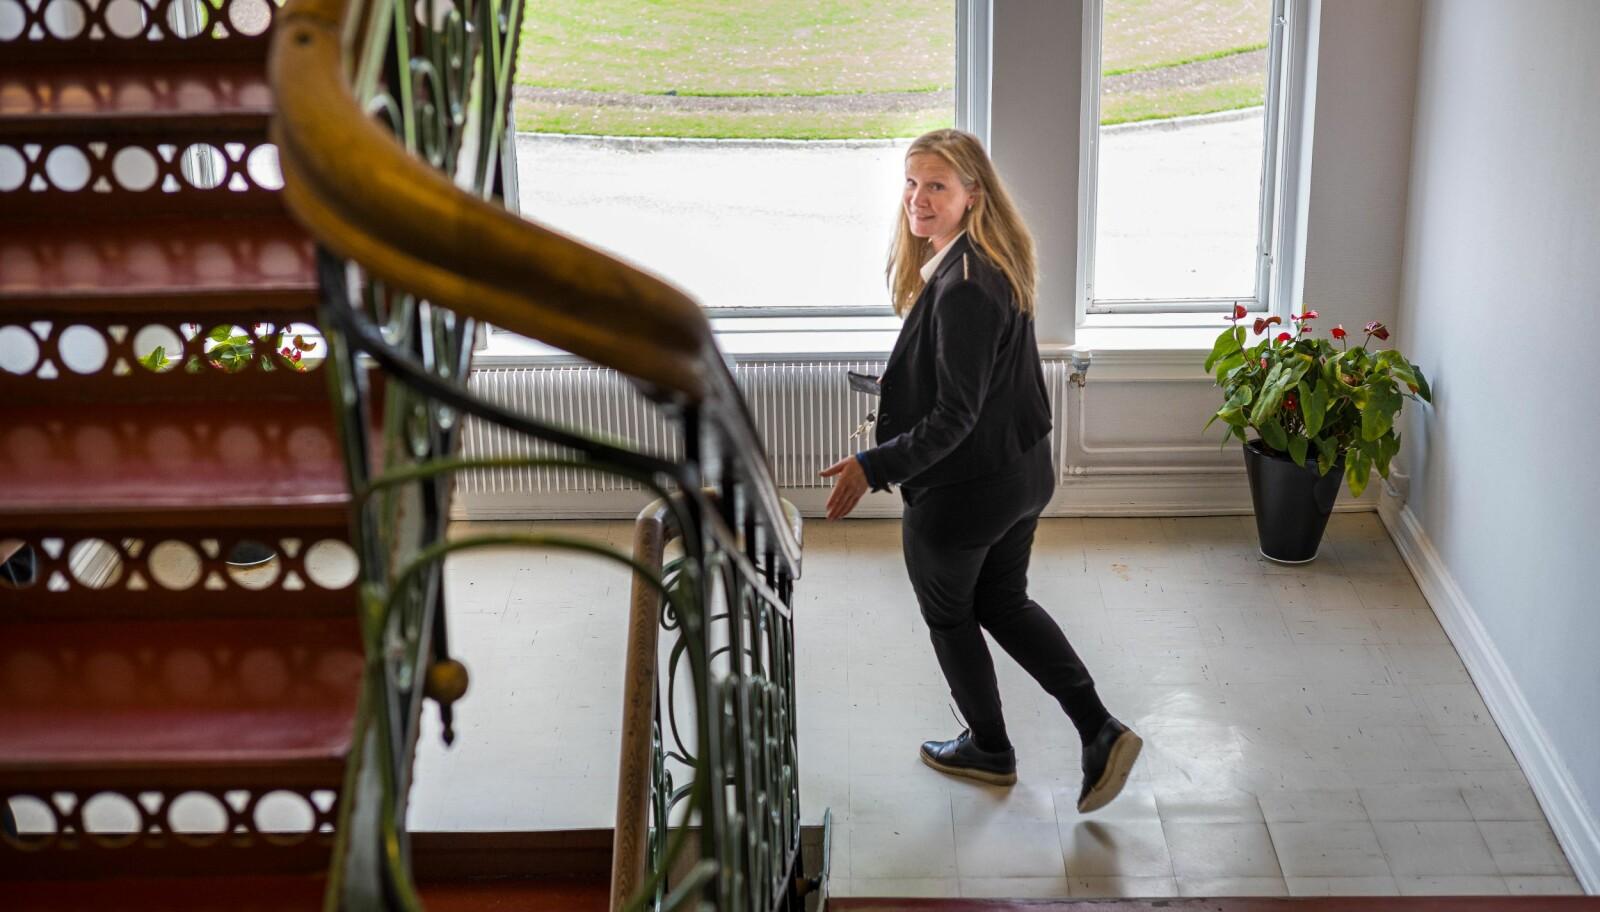 — Jeg ser helt klart noen paralleller mellom de to jobbene, sier Mari Sundli Tveit. Her er hun på vei ned trappen i bygget Circus på campus Ås, hvor hun har kontor. Foto: Siri Øverland Eriksen